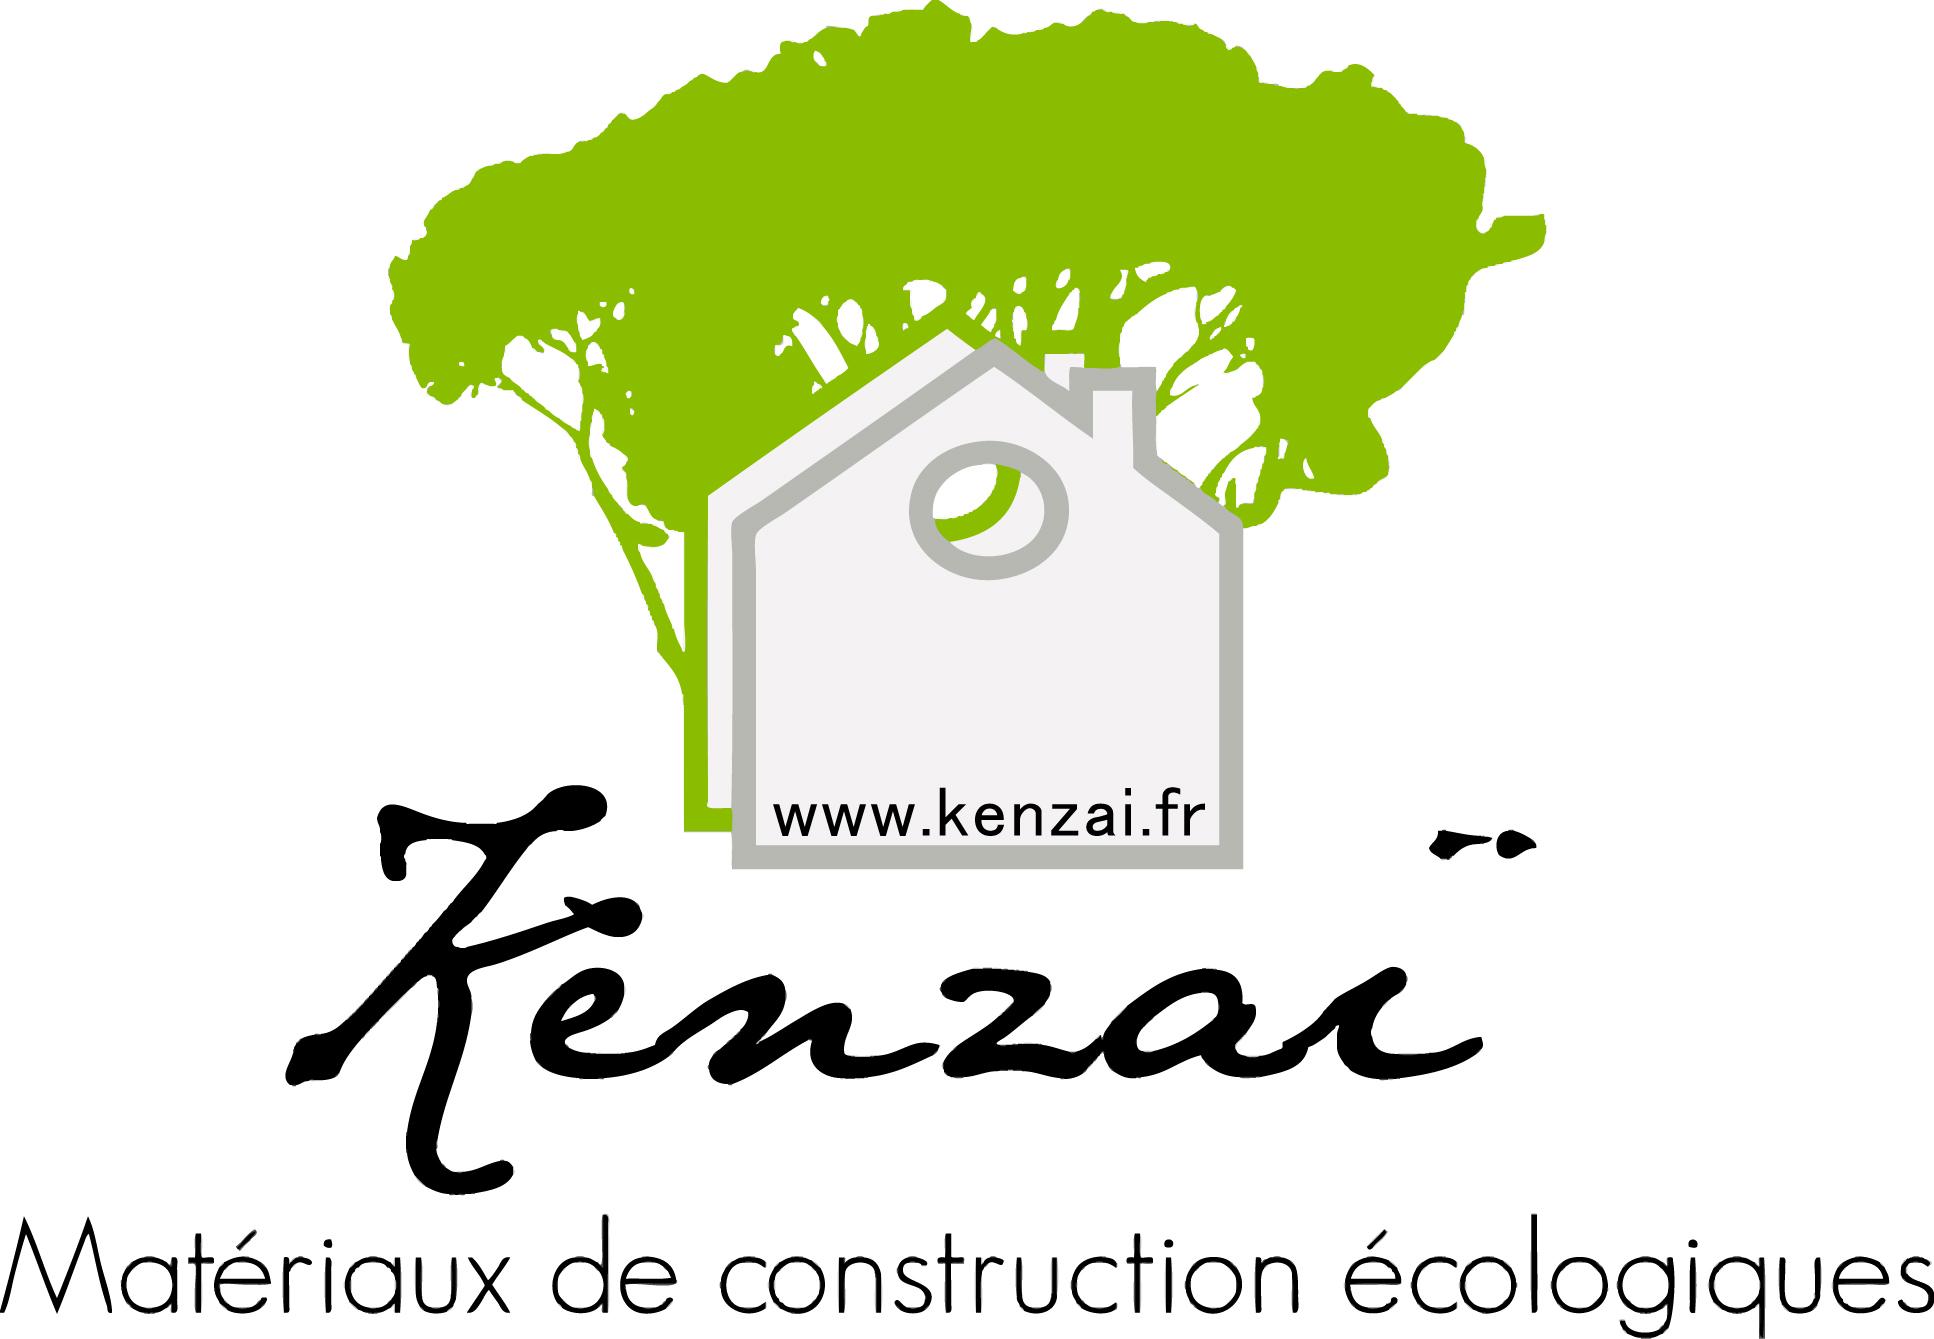 Kenzai mat riaux de construction cologiques - Materiaux de construction maison ...